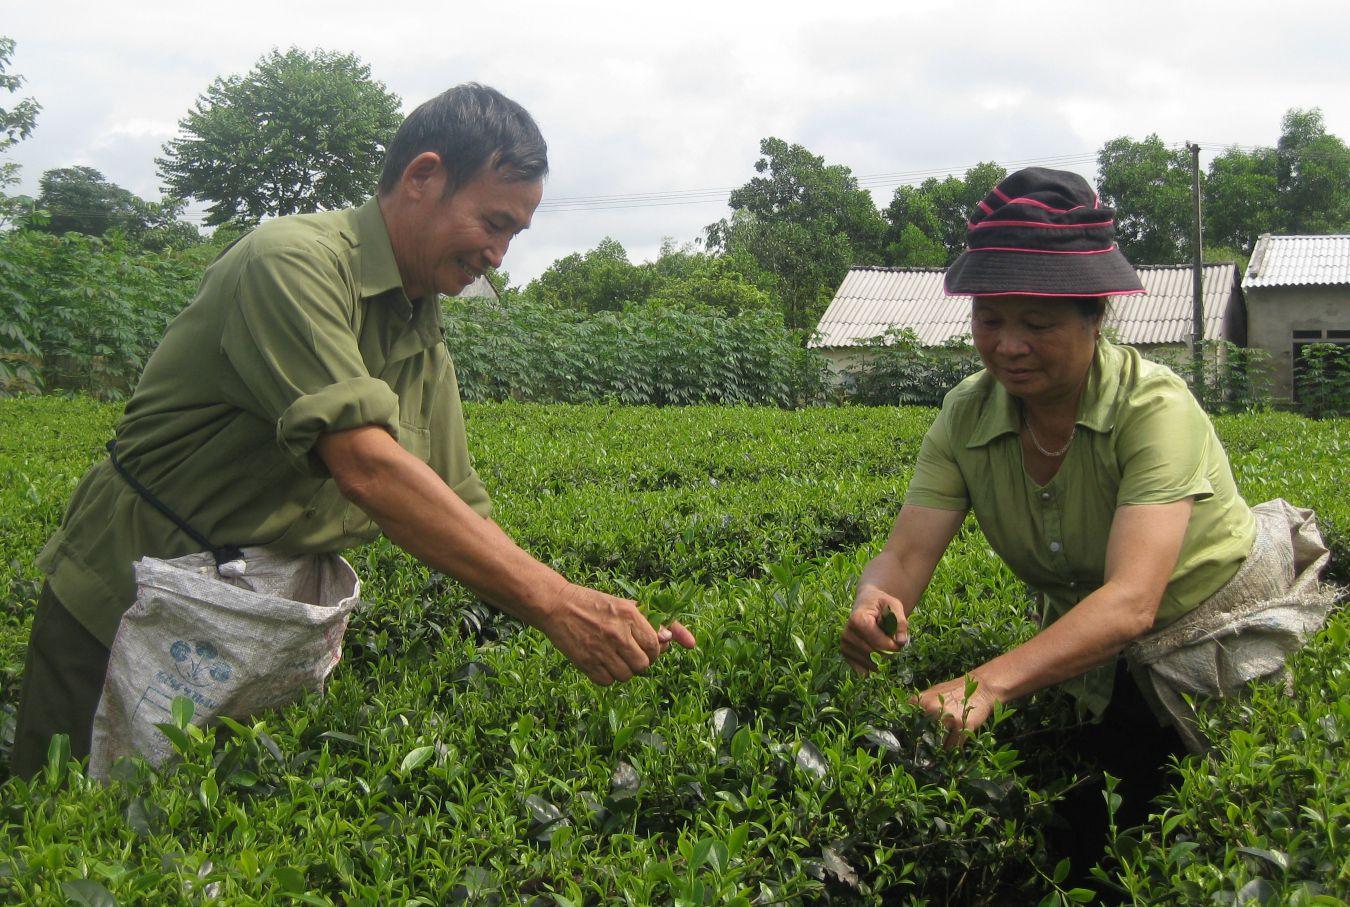 Nhà nước luôn khuyến khích người dân trồng chè theo những tiêu chuẩn an toàn vệ sinh, nâng cao canh tác và chất lượng chè làm ra